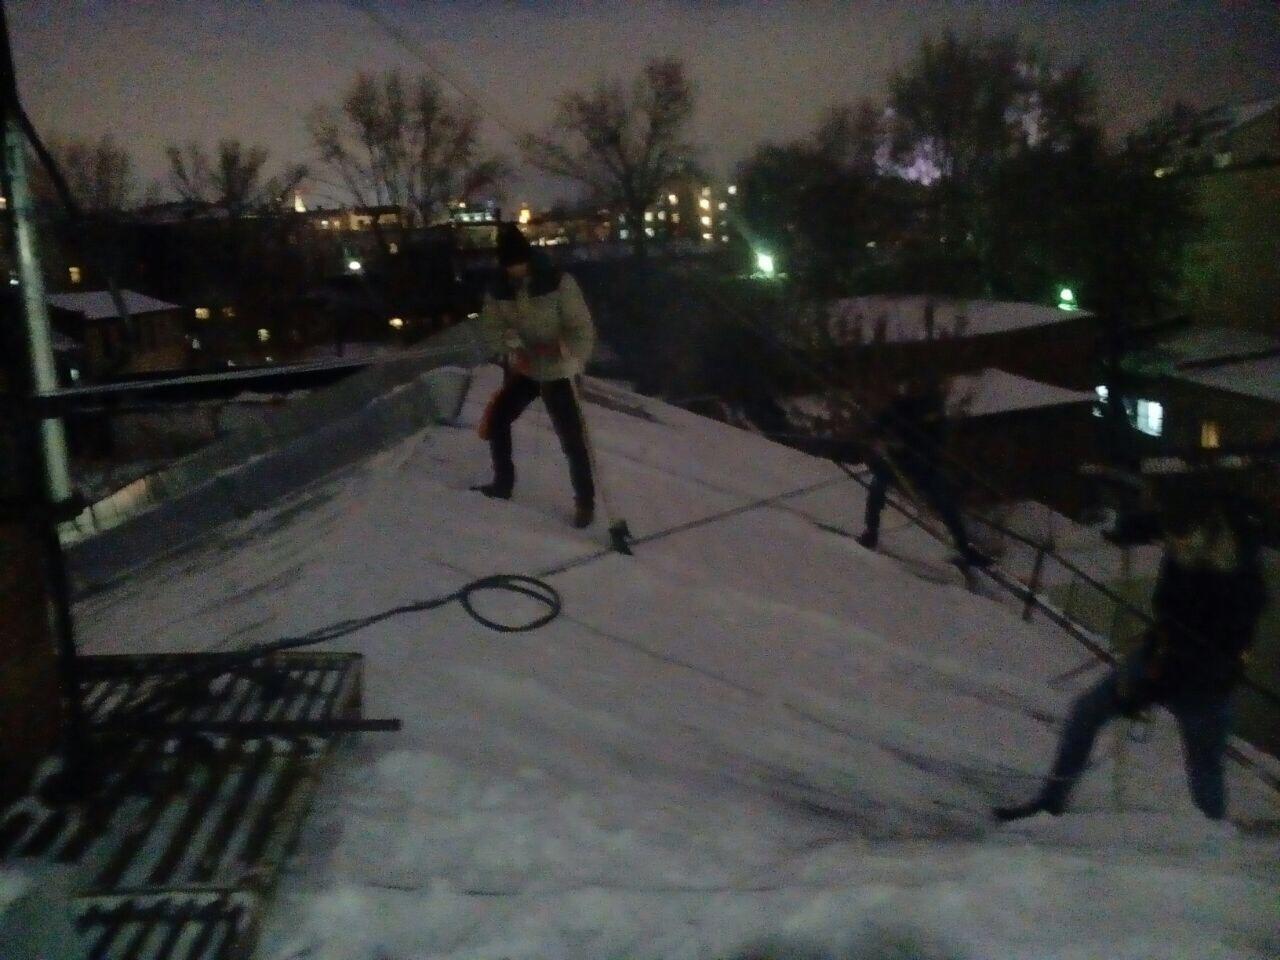 очистка кровли от снега в ночное время